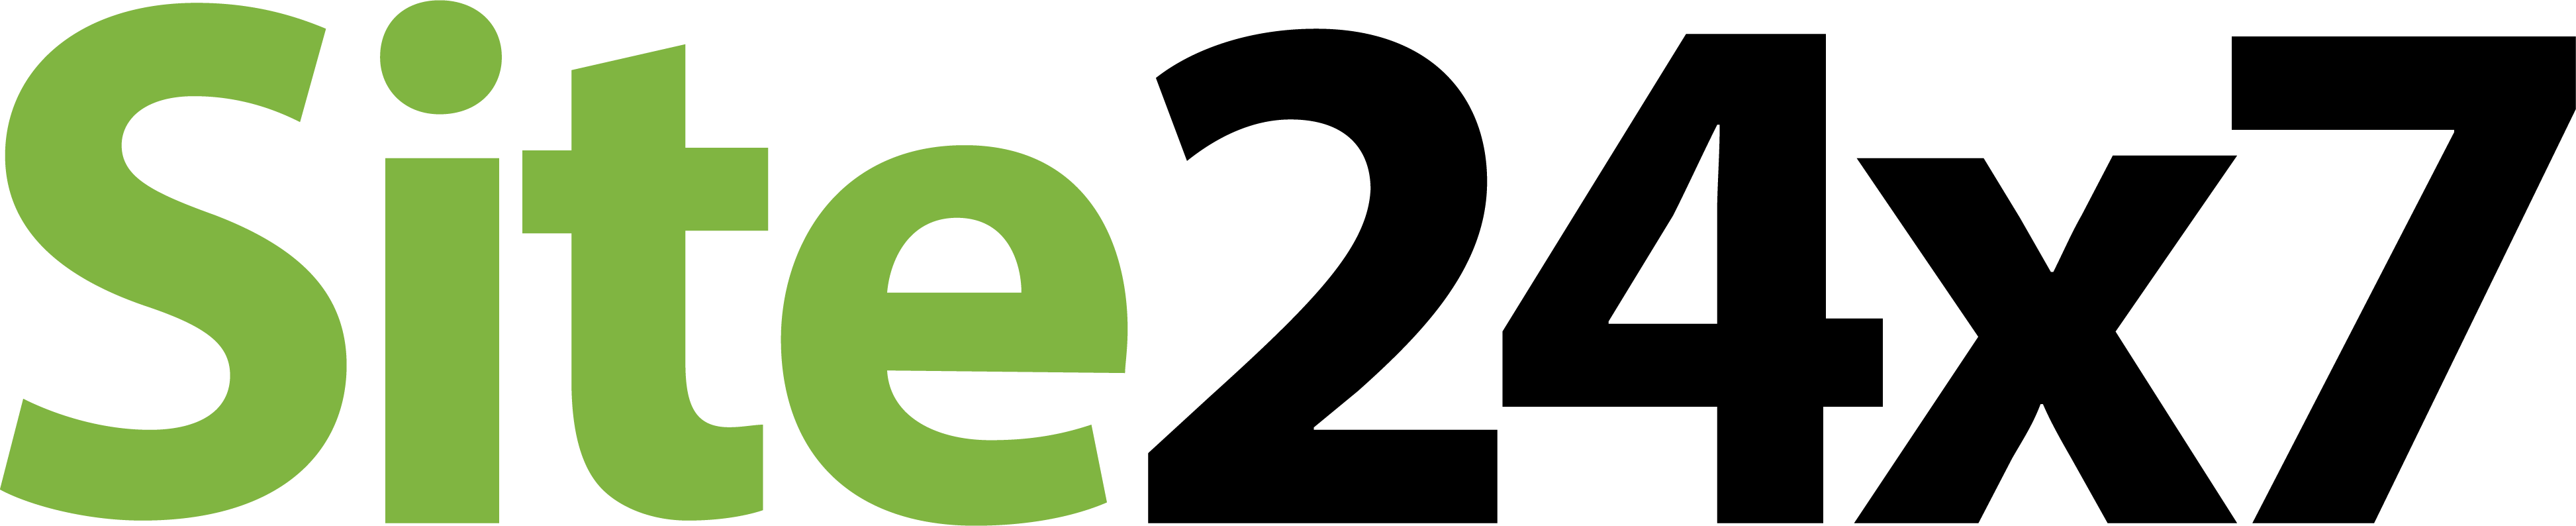 网站24x7标志